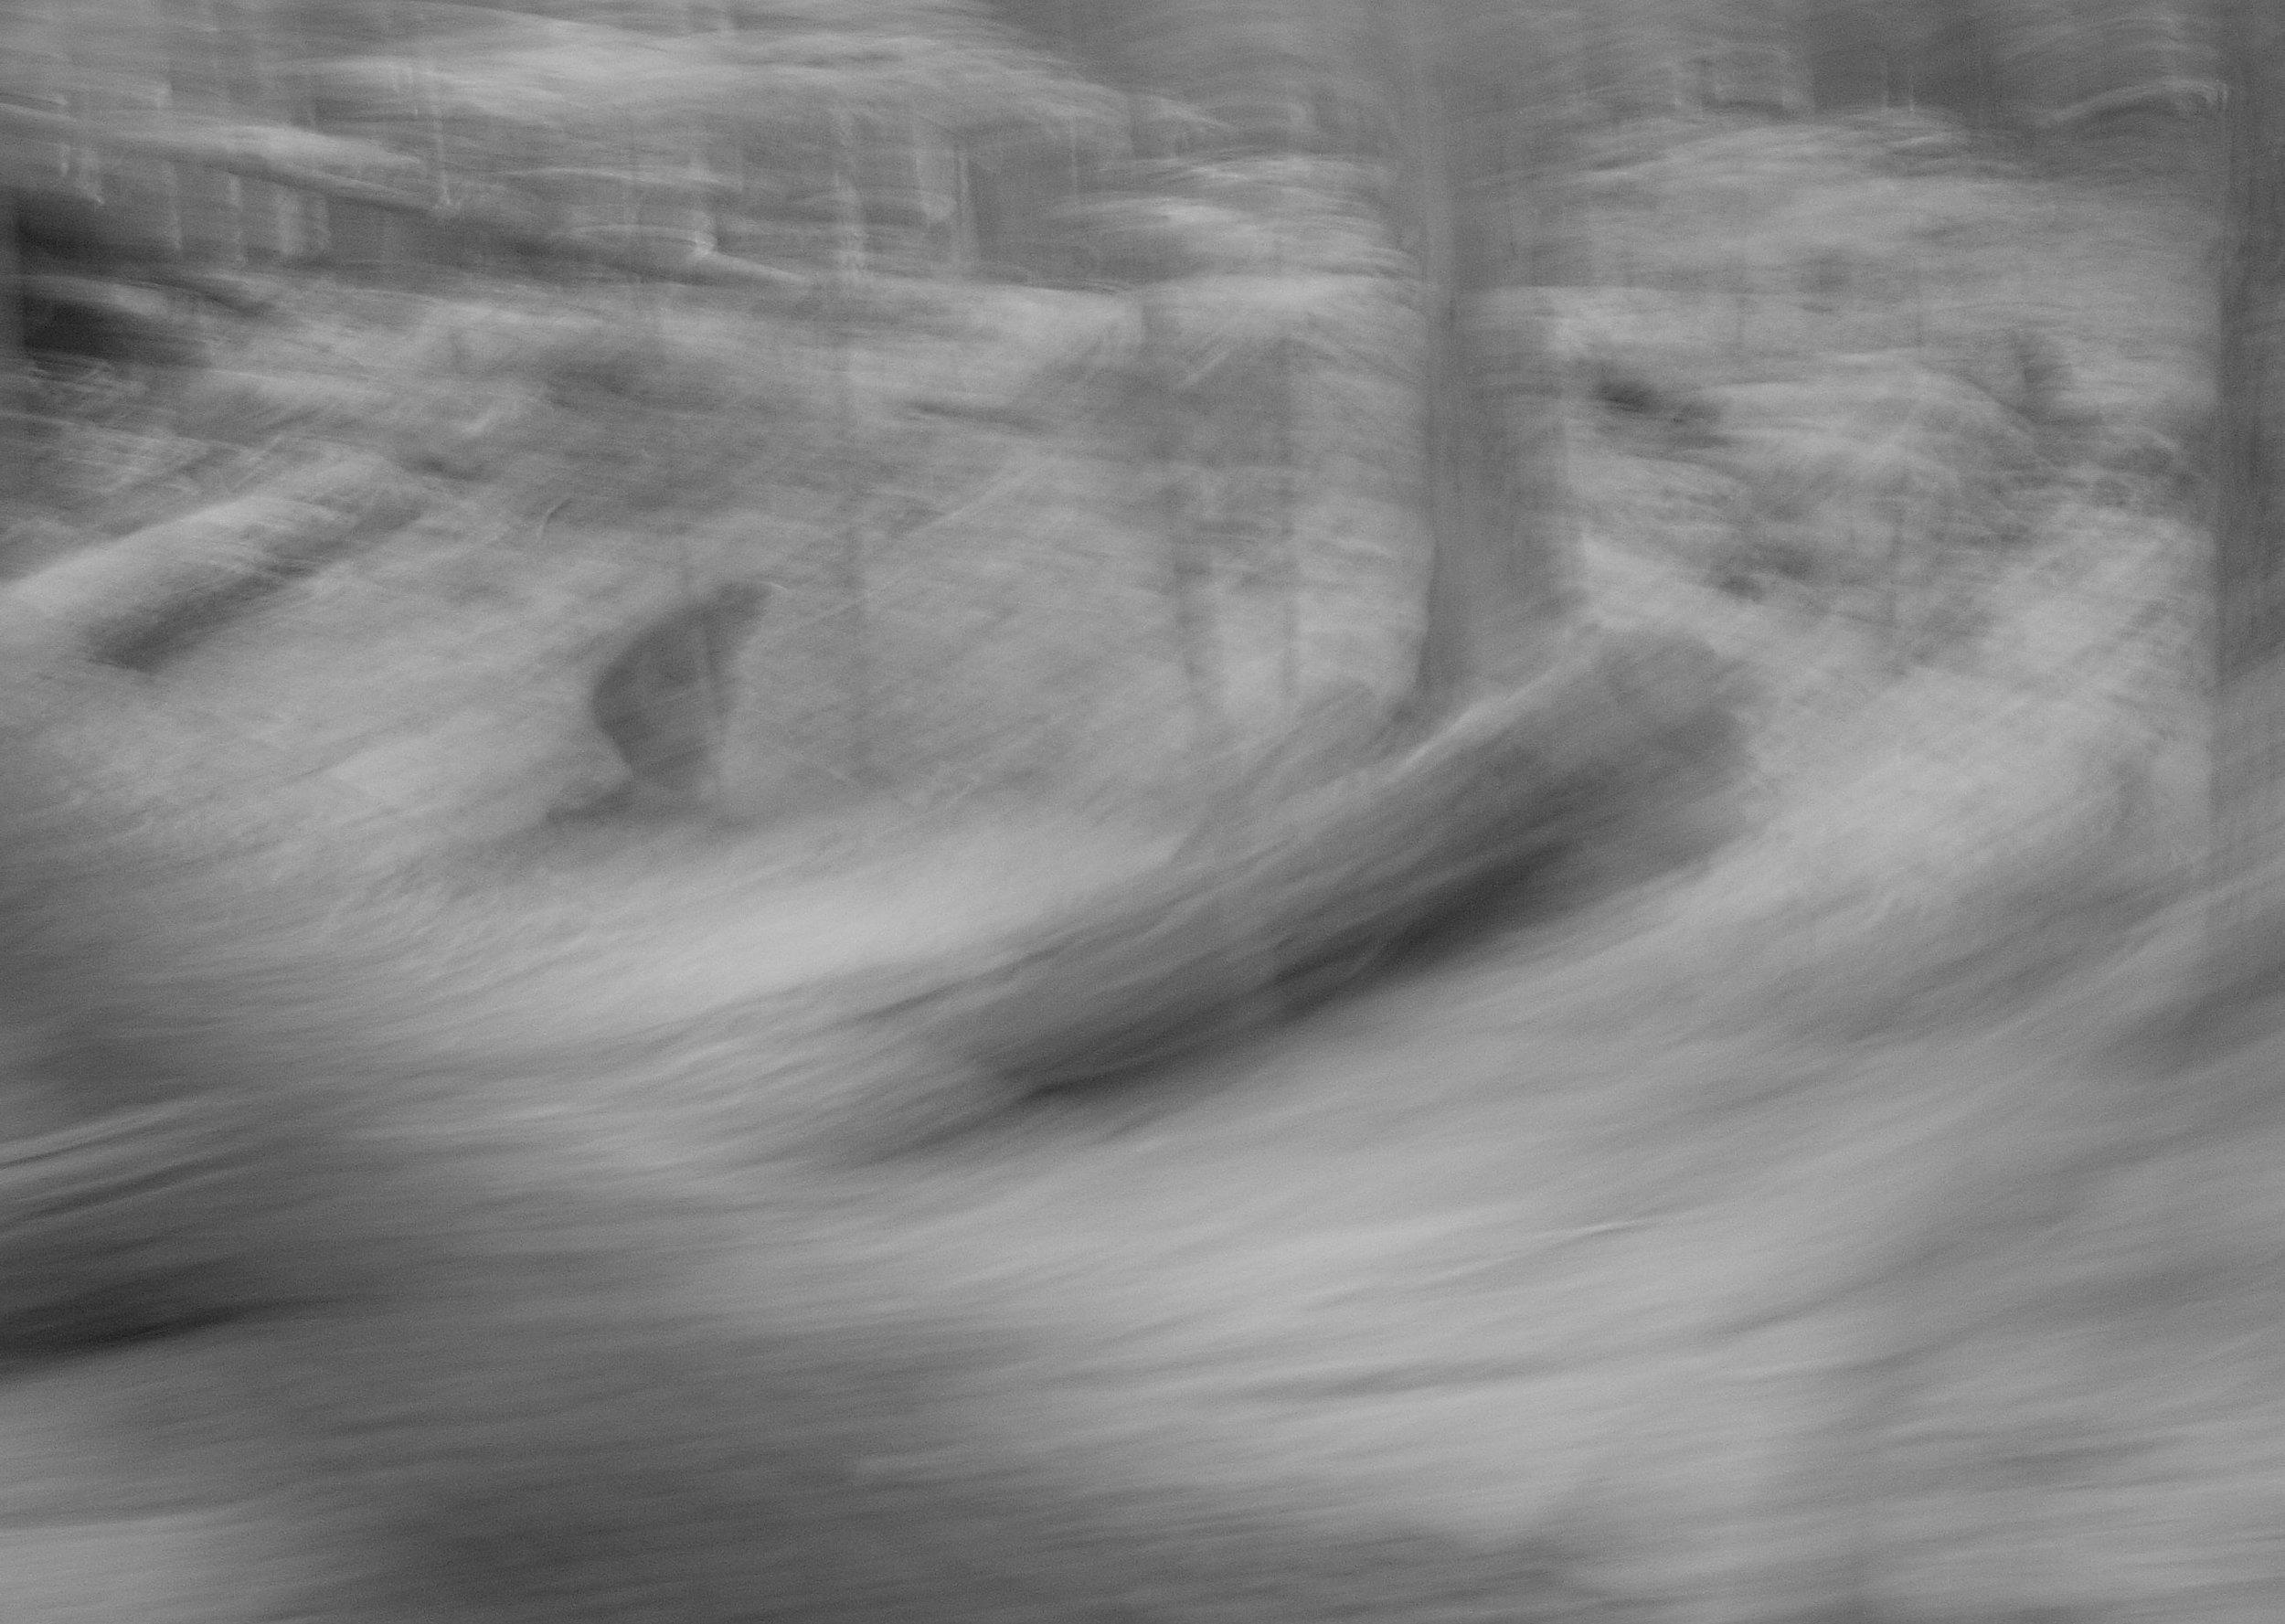 Sasquatch Sighting, Snow